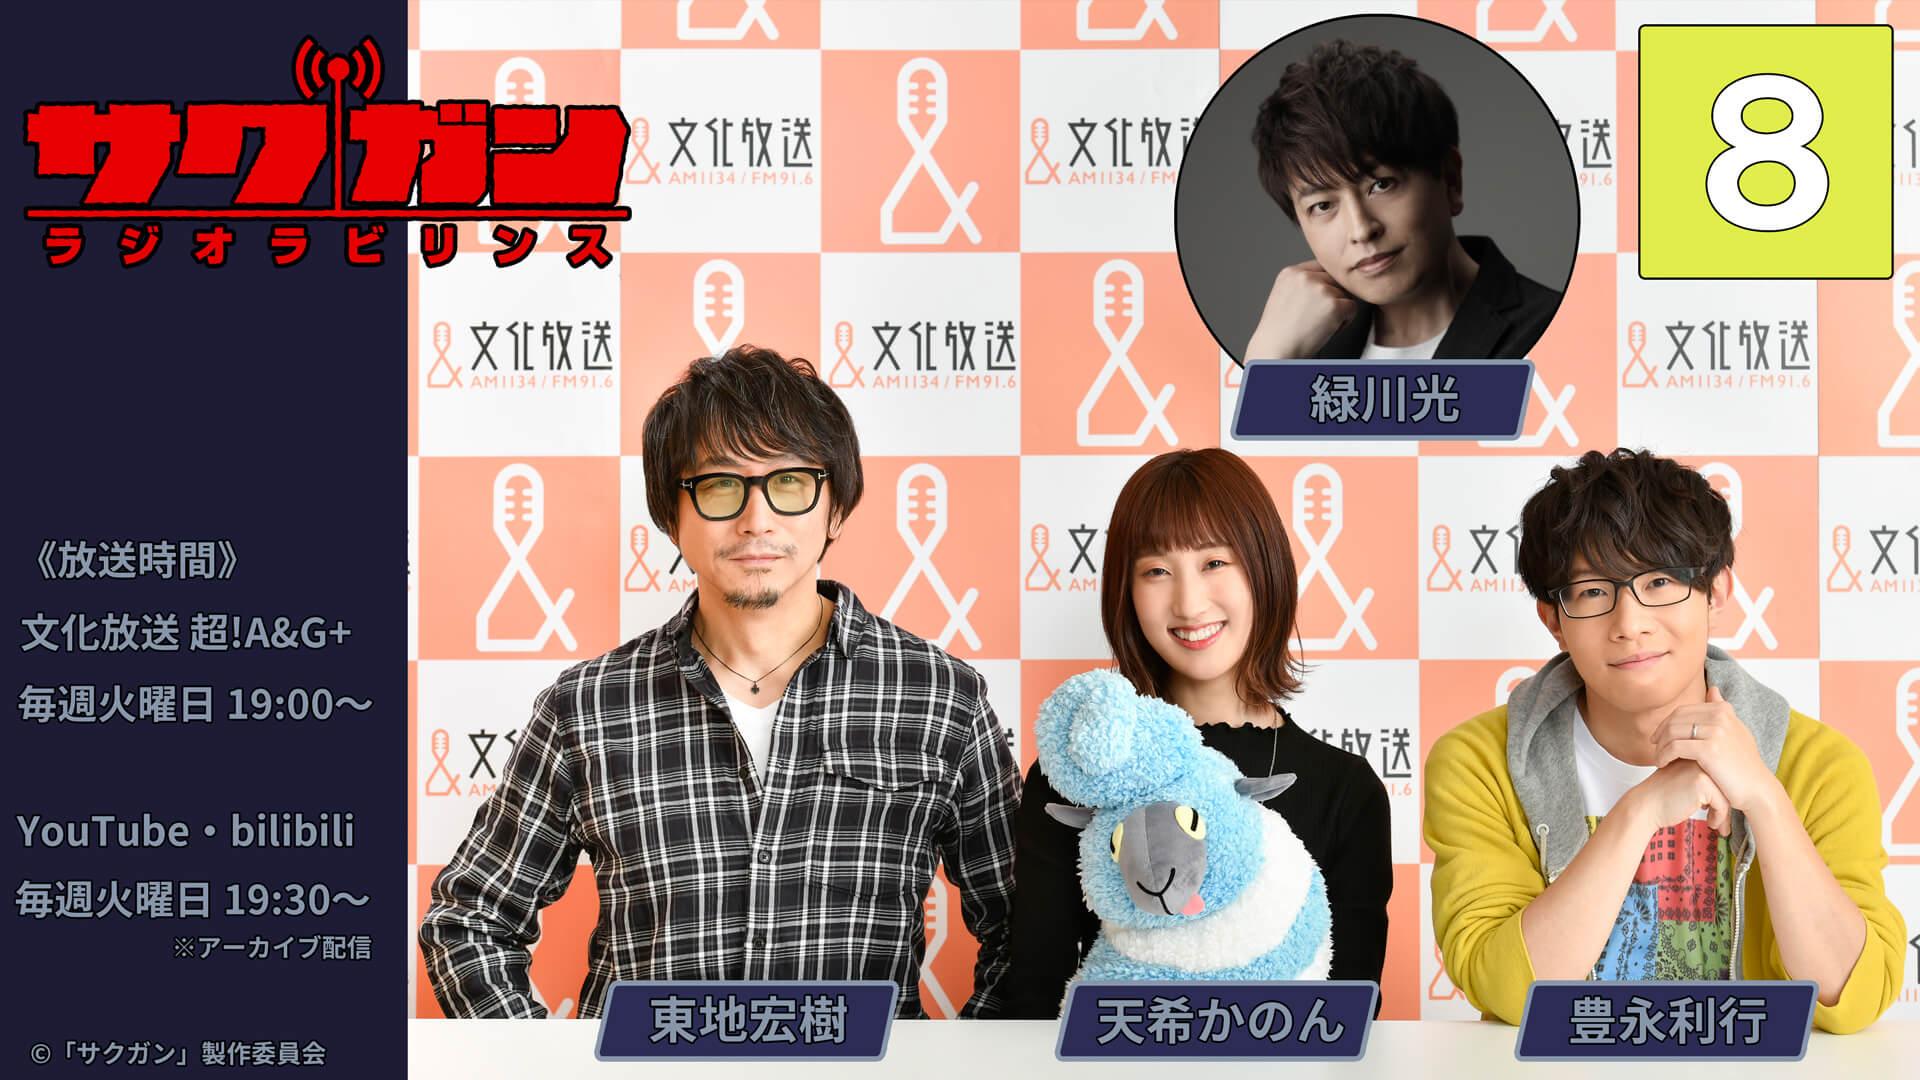 『サクガン ラジオラビリンス #08(ゲスト:緑川光)』2021.05.18放送